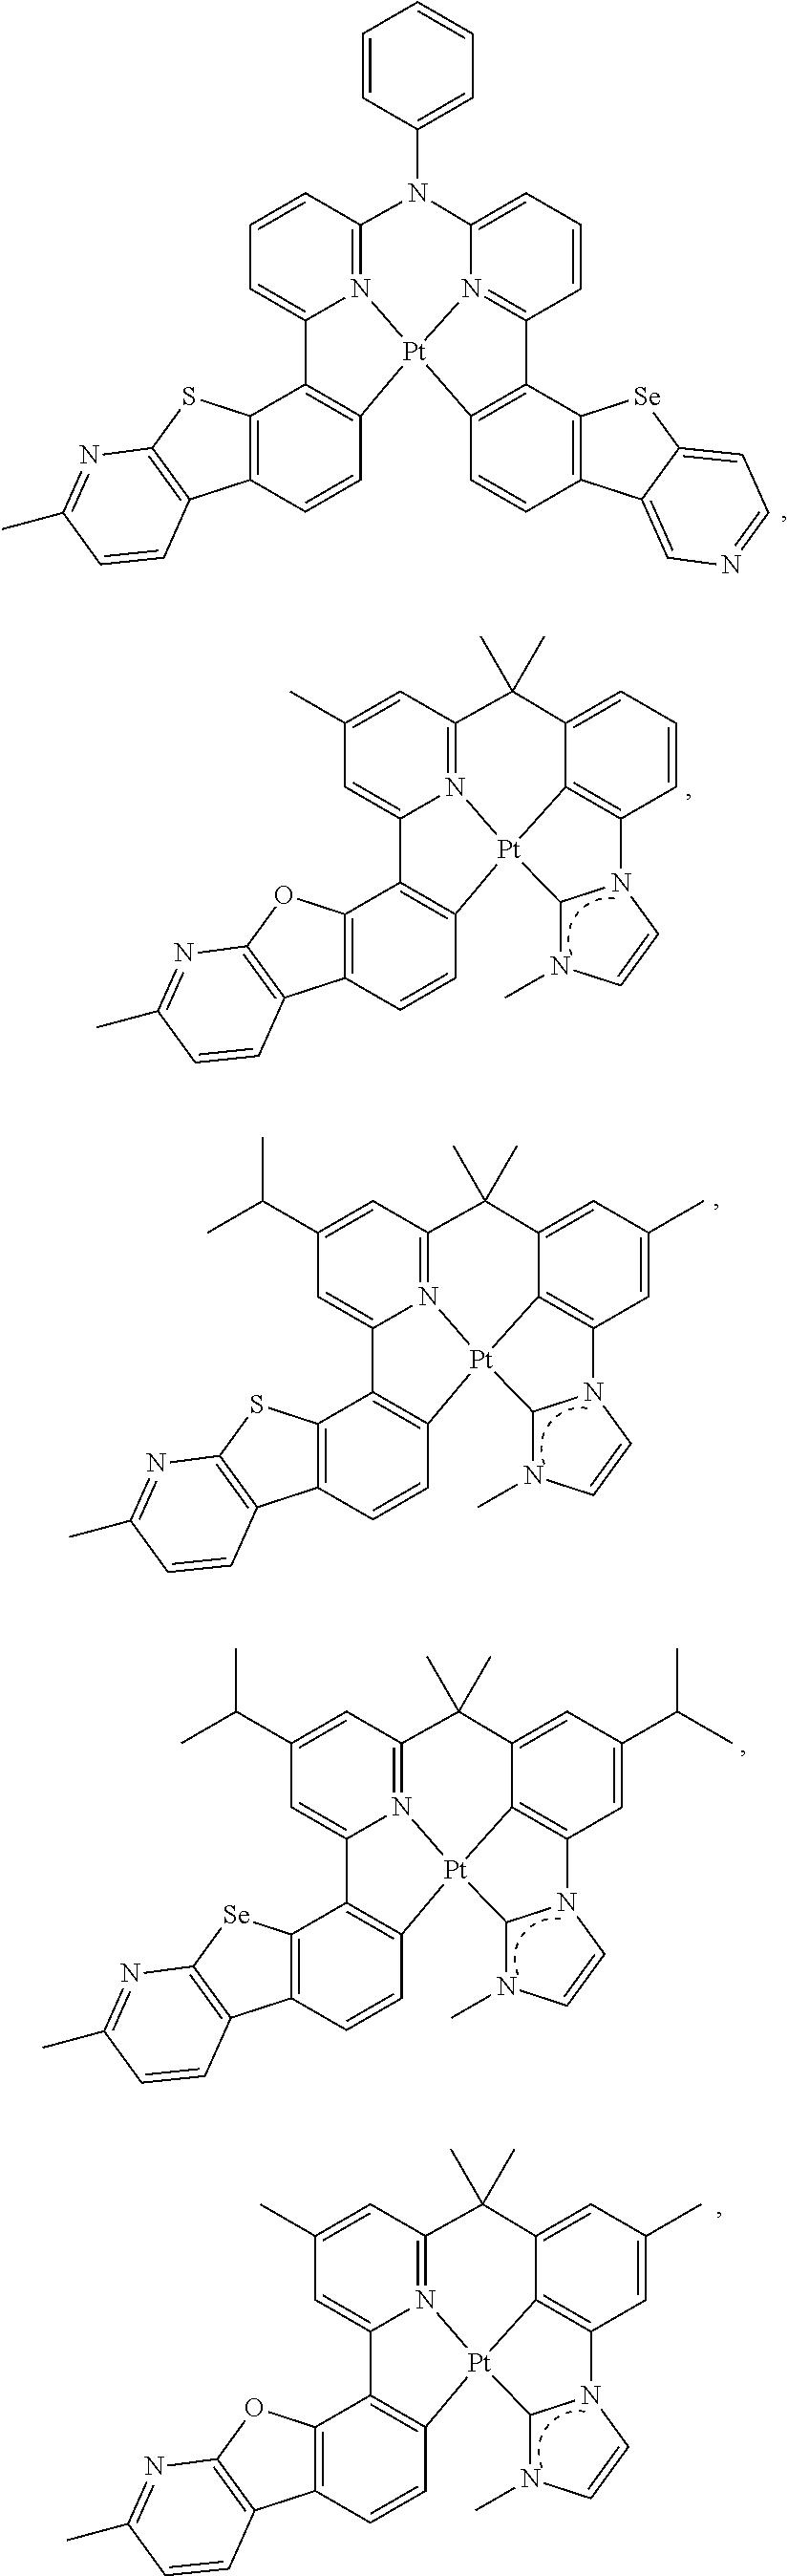 Figure US09871214-20180116-C00302